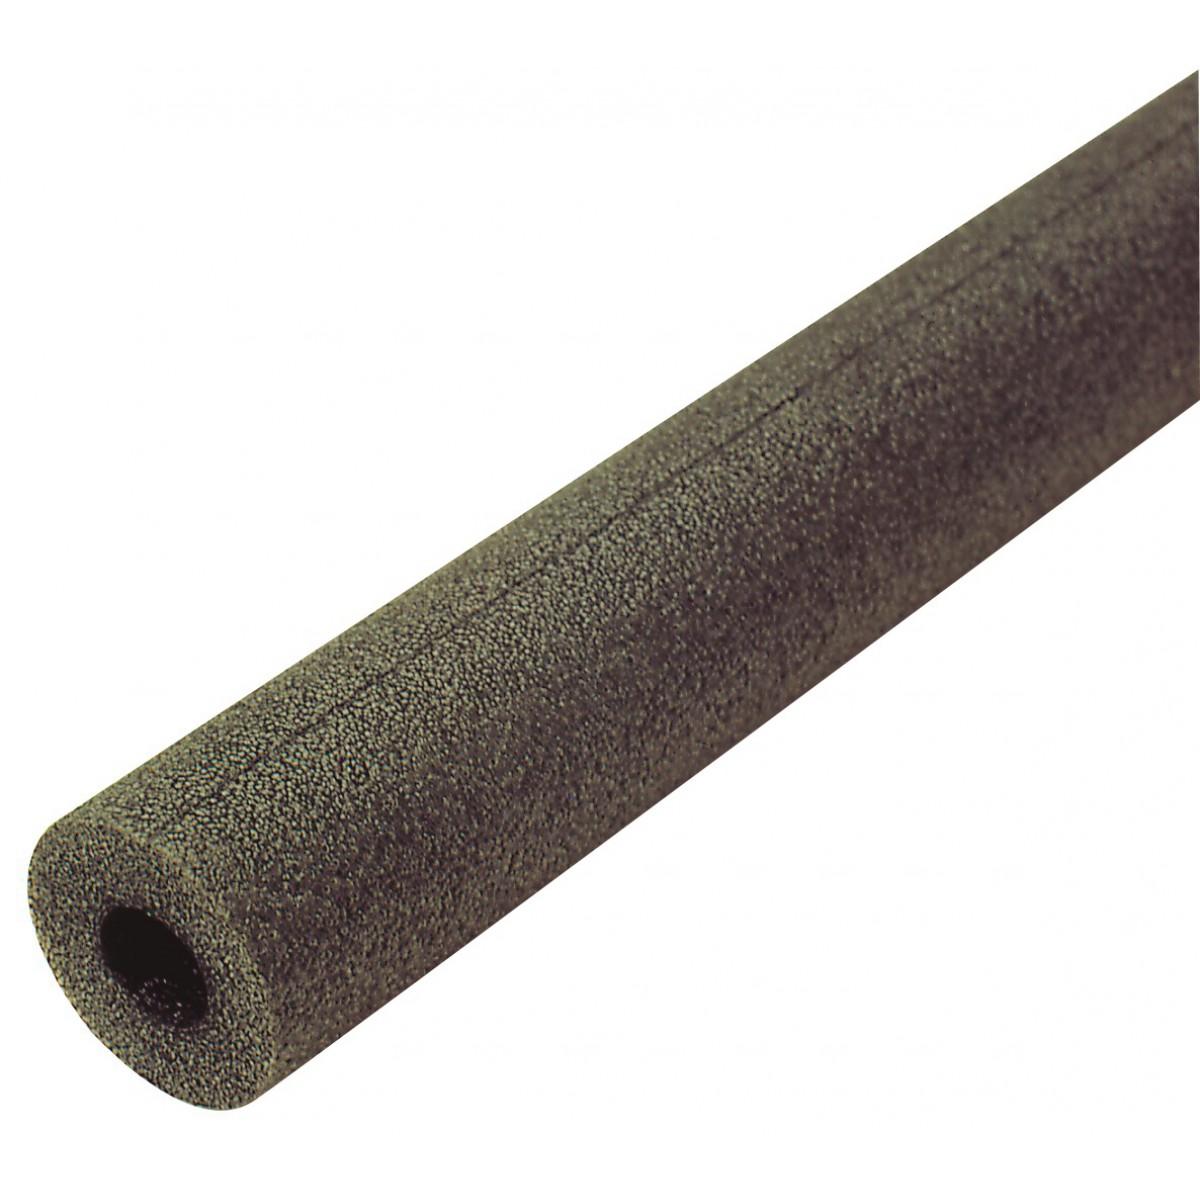 Manchon isolant polyéthylène - 9 mm - Pour tuyau diamètre intérieur 22 mm - NMC